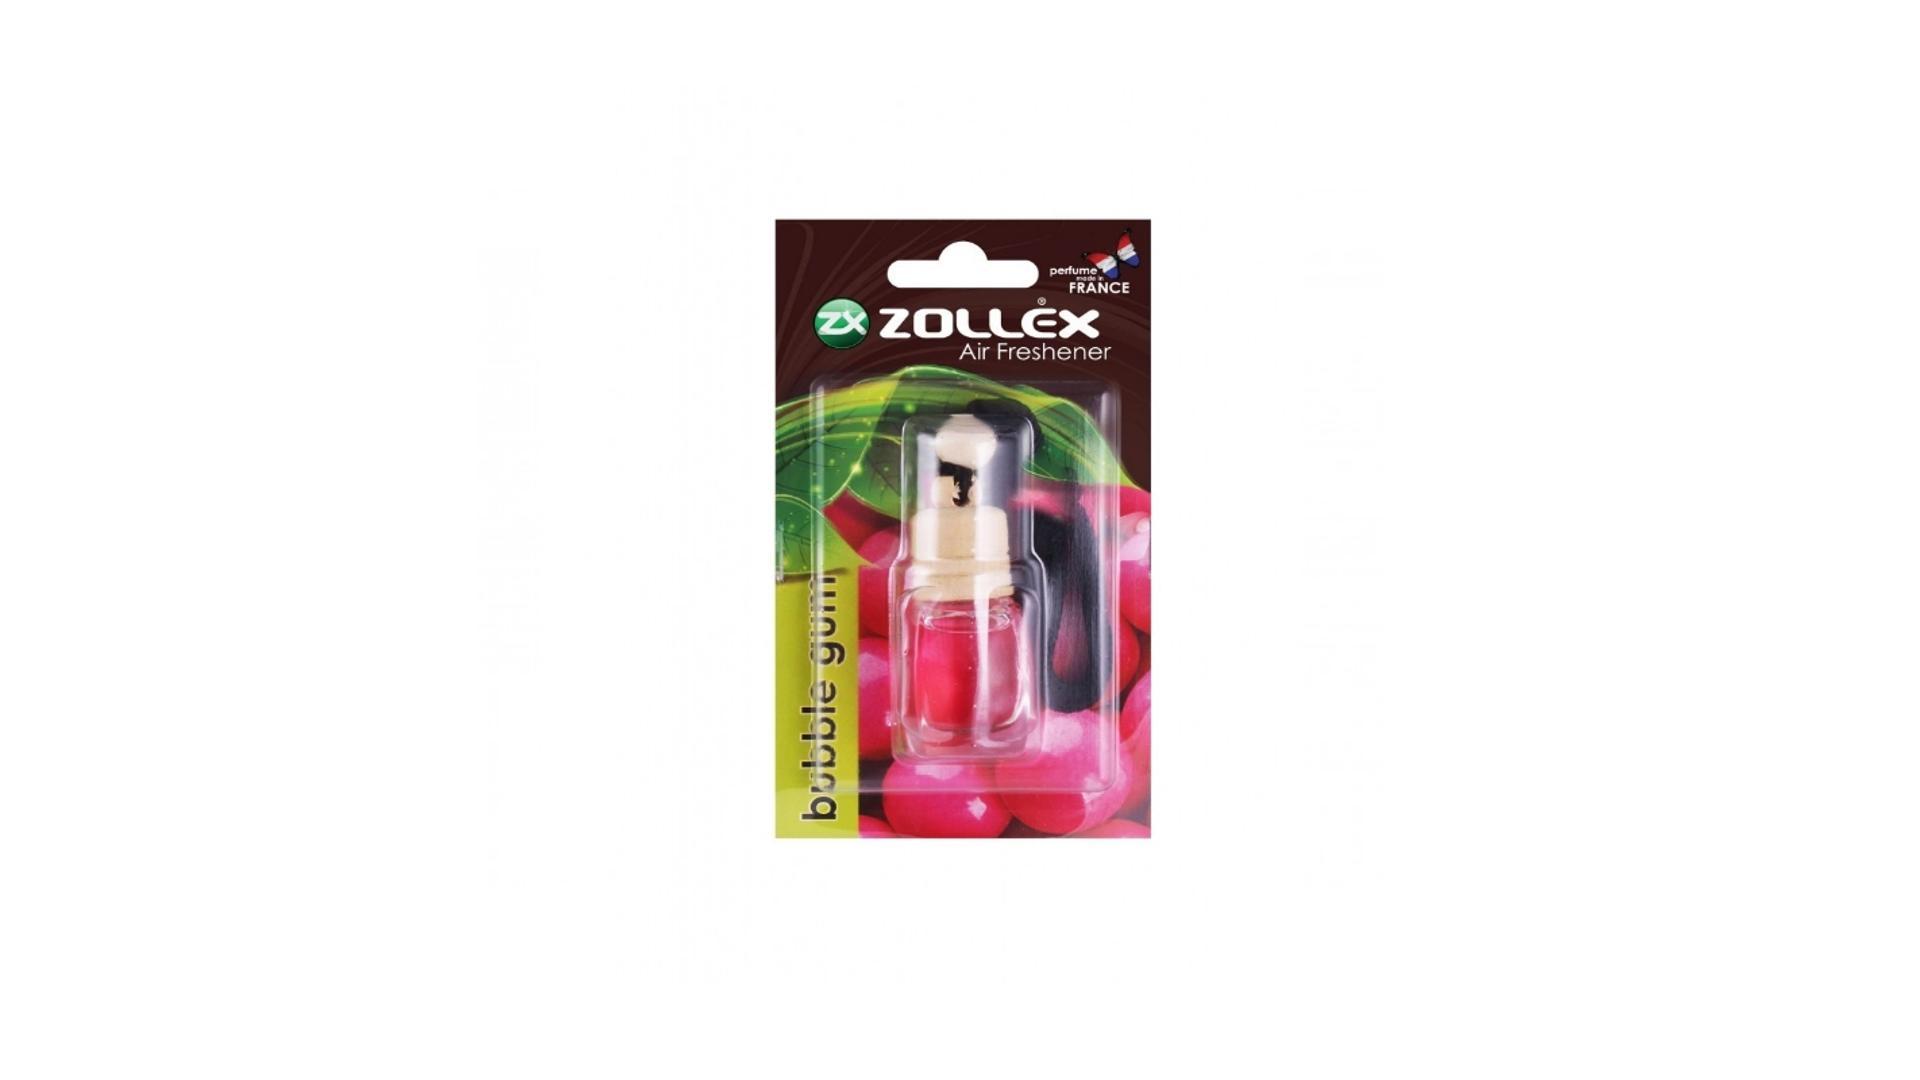 ZOLLEX Osviežovač vzduchu - žuvačka 8ml (18BG)